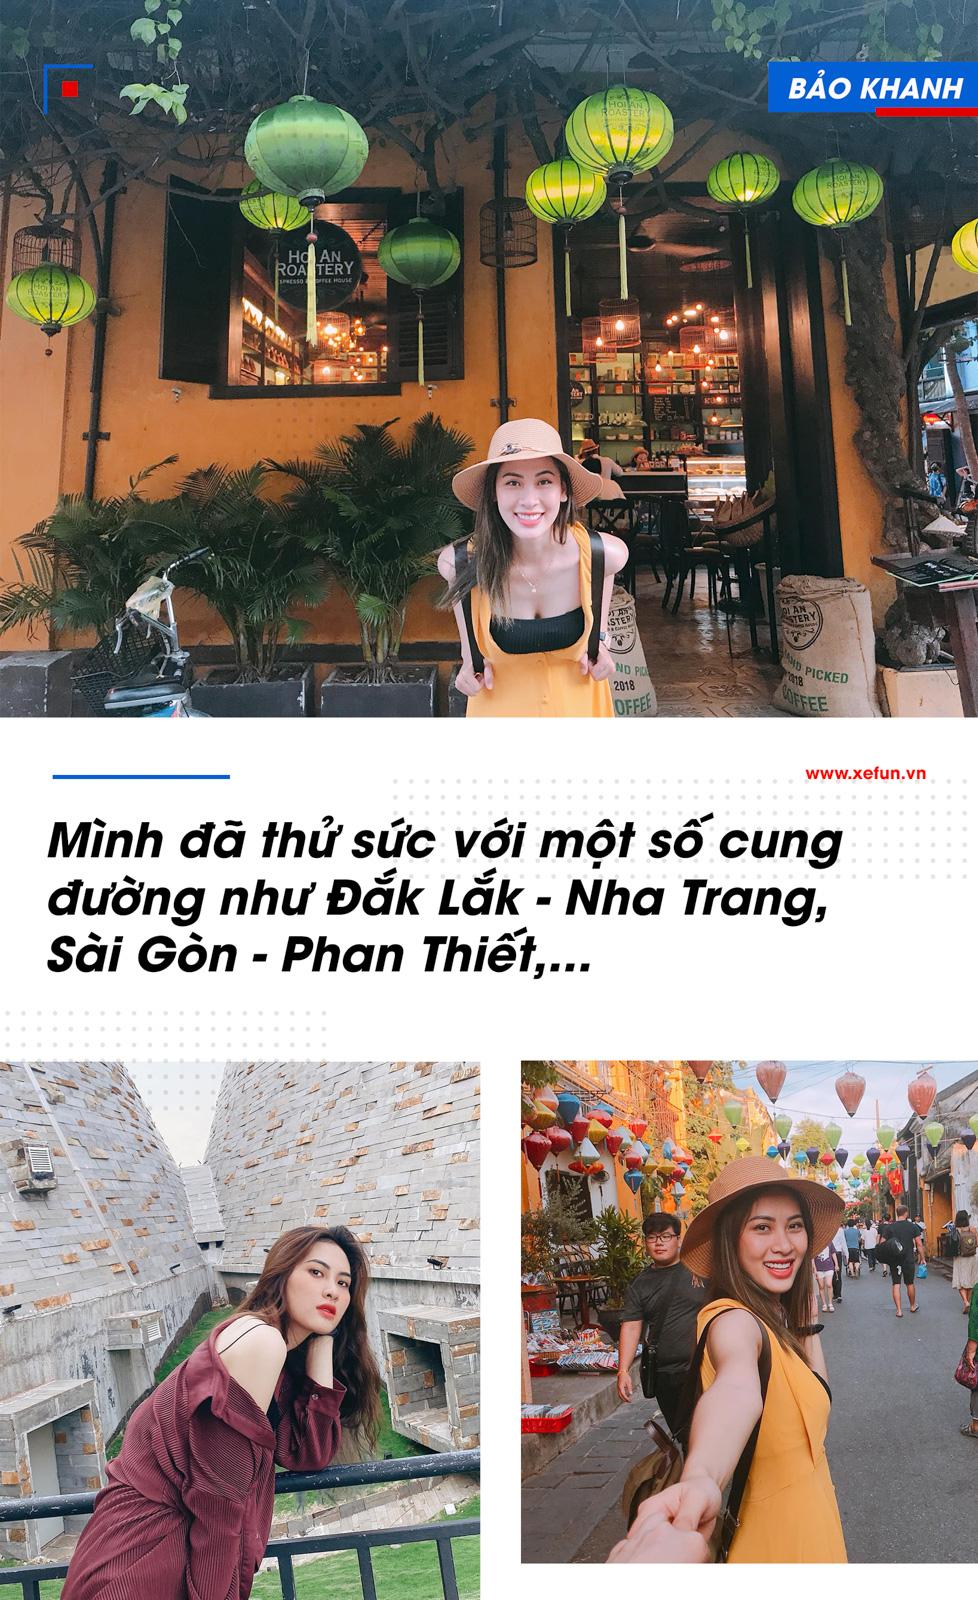 Angels Bảo Khanh chia sẻ: Mình đã có cơ hội cưỡi trên Yamaha R6 đi một số cung đường như Đắk Lắk - Nha Trang, Sài Gòn - Phan Thiết